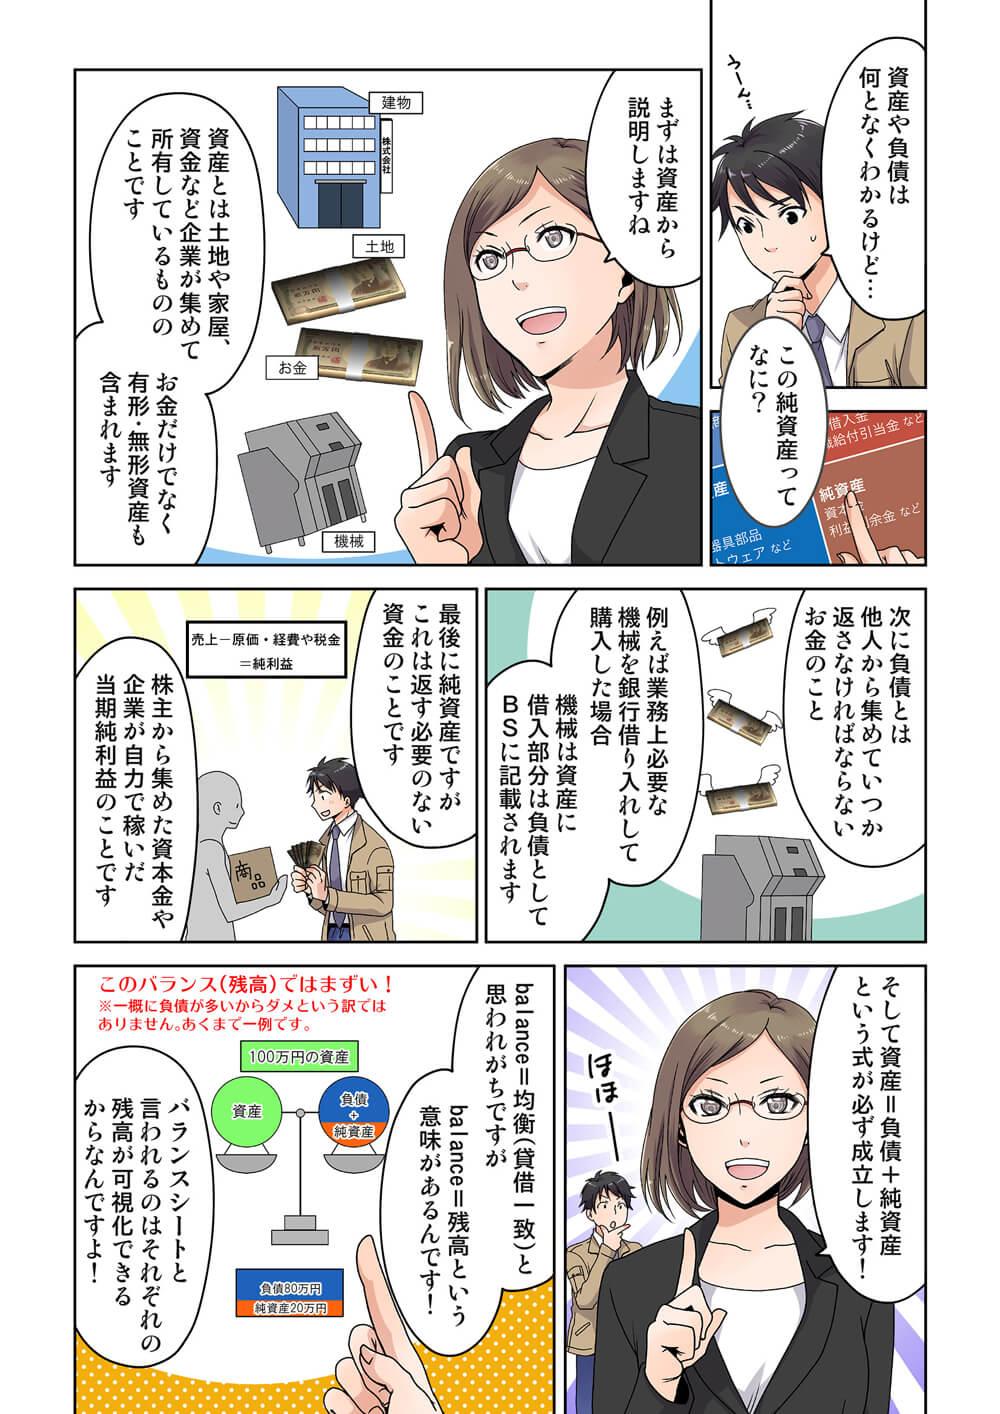 【マンガ】3連休スペシャル・三角関係の駆け引きは恋のバランスシート(4/4)